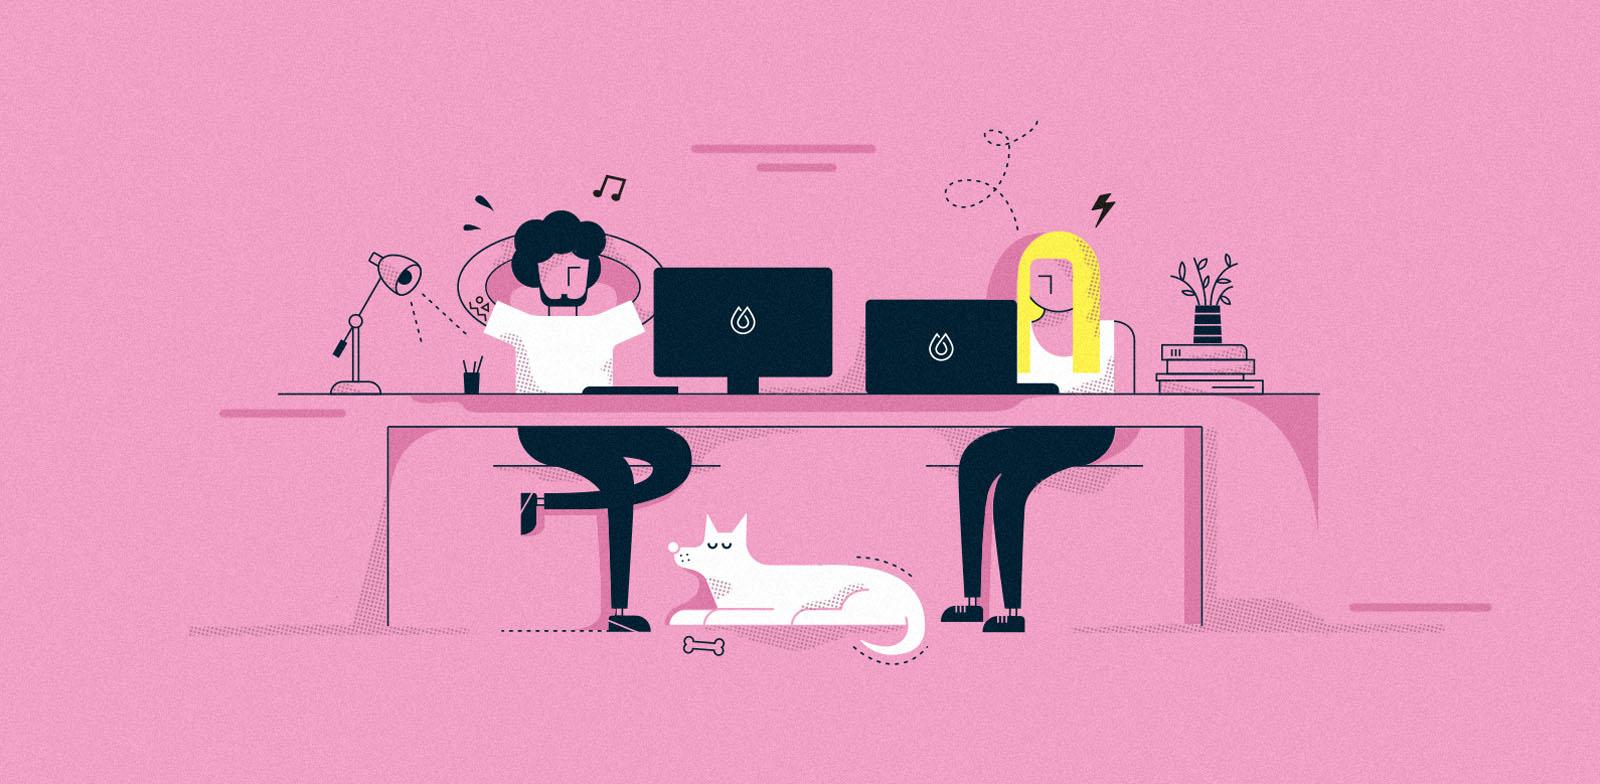 pistacho studio, estudio de diseño, diseñadores gráficos, creatividad